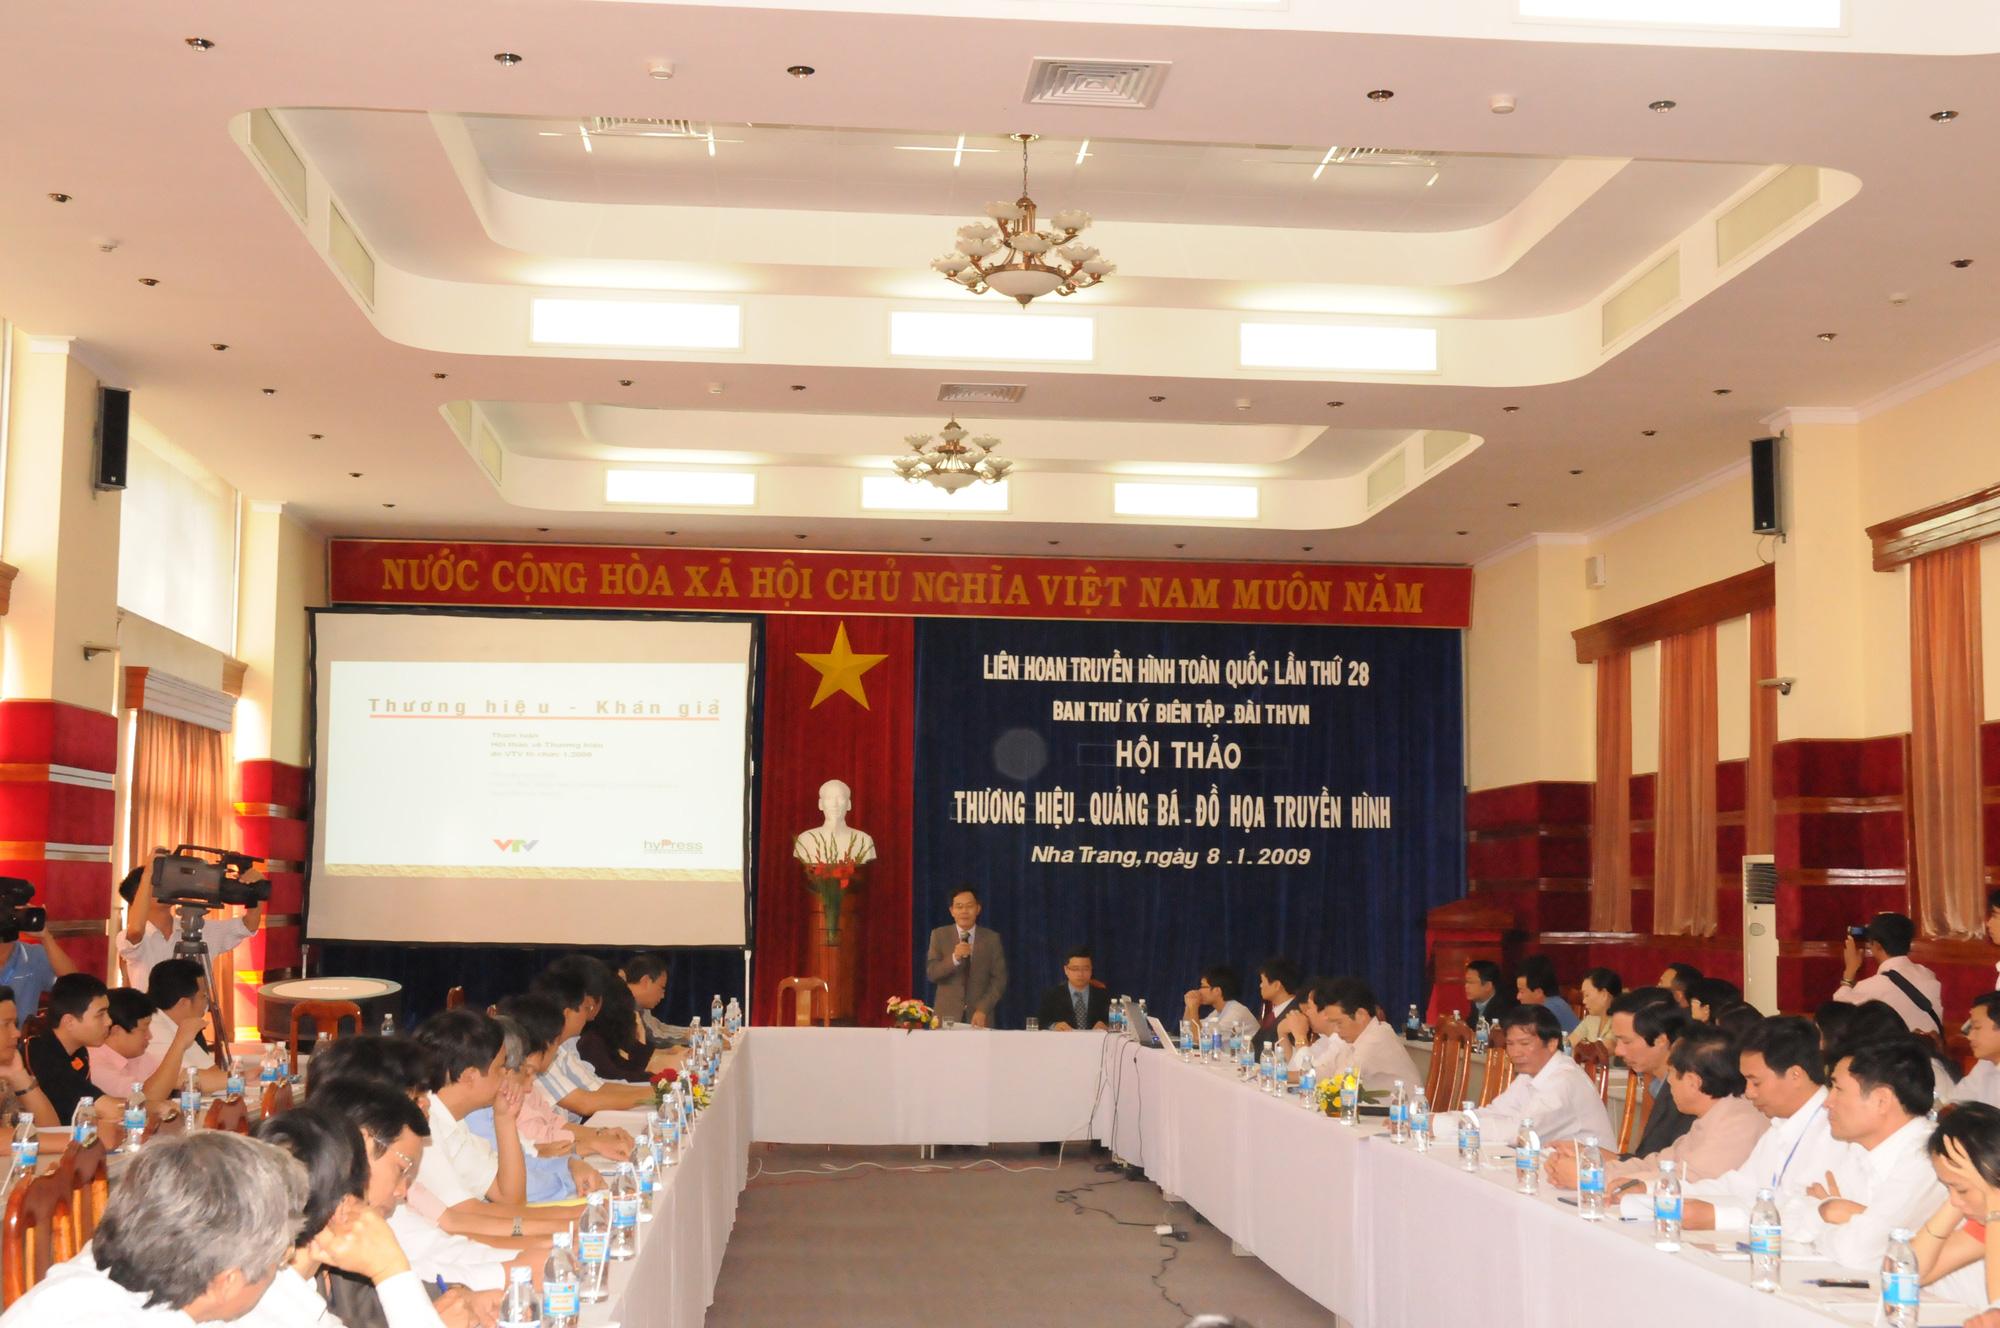 Hội thảo năm 2009